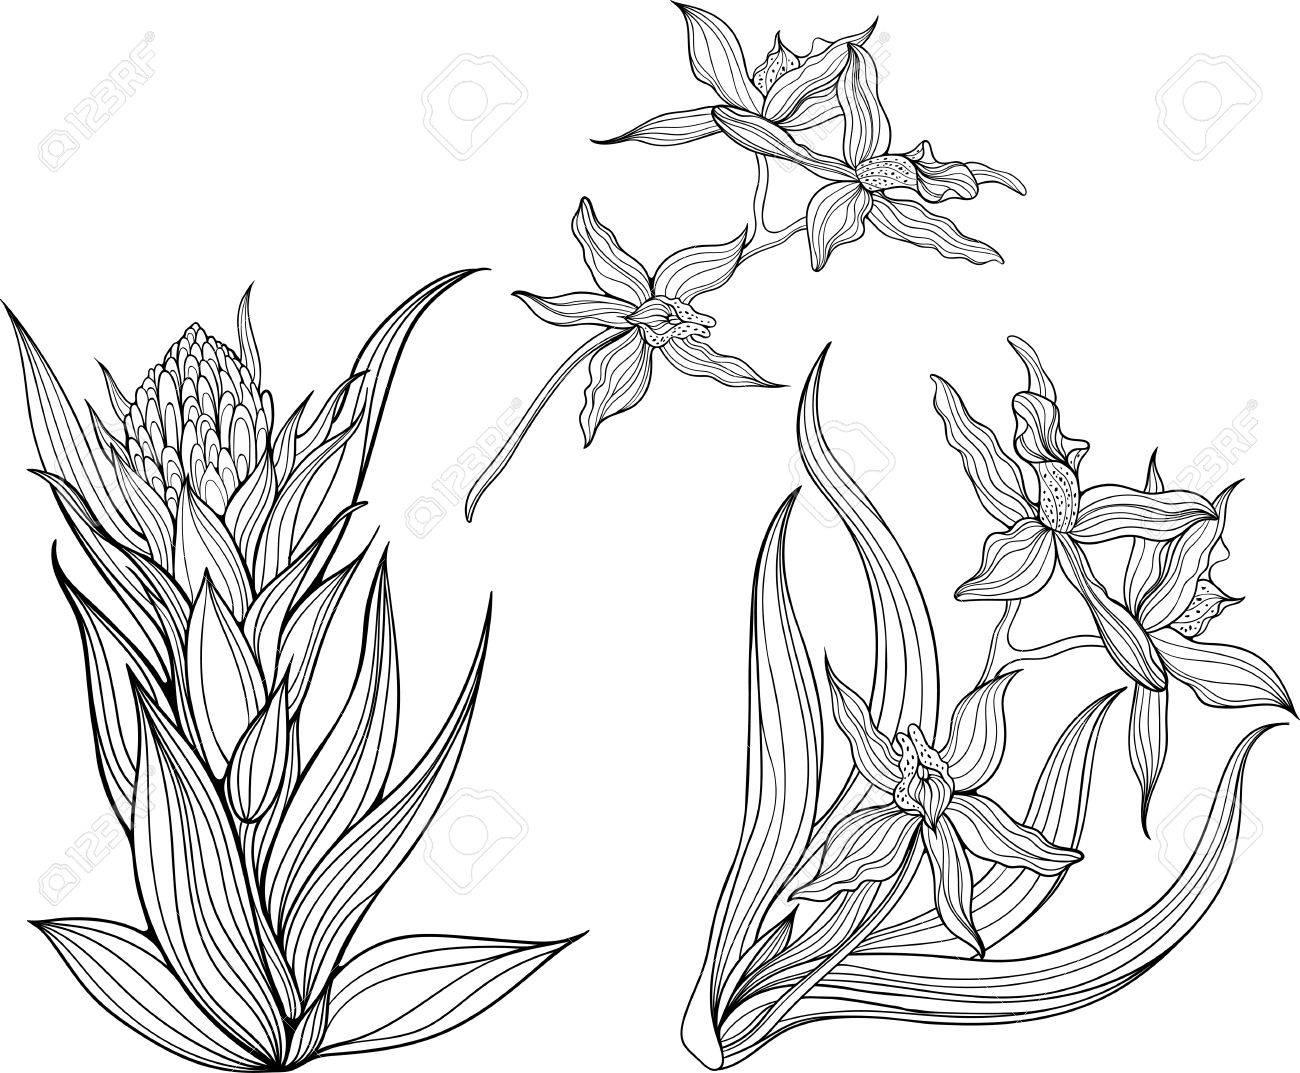 Kleurplaten Natuur Bloemen.Drie Geisoleerde Zwarte En Witte Bloemen Kleurplaat Royalty Vrije